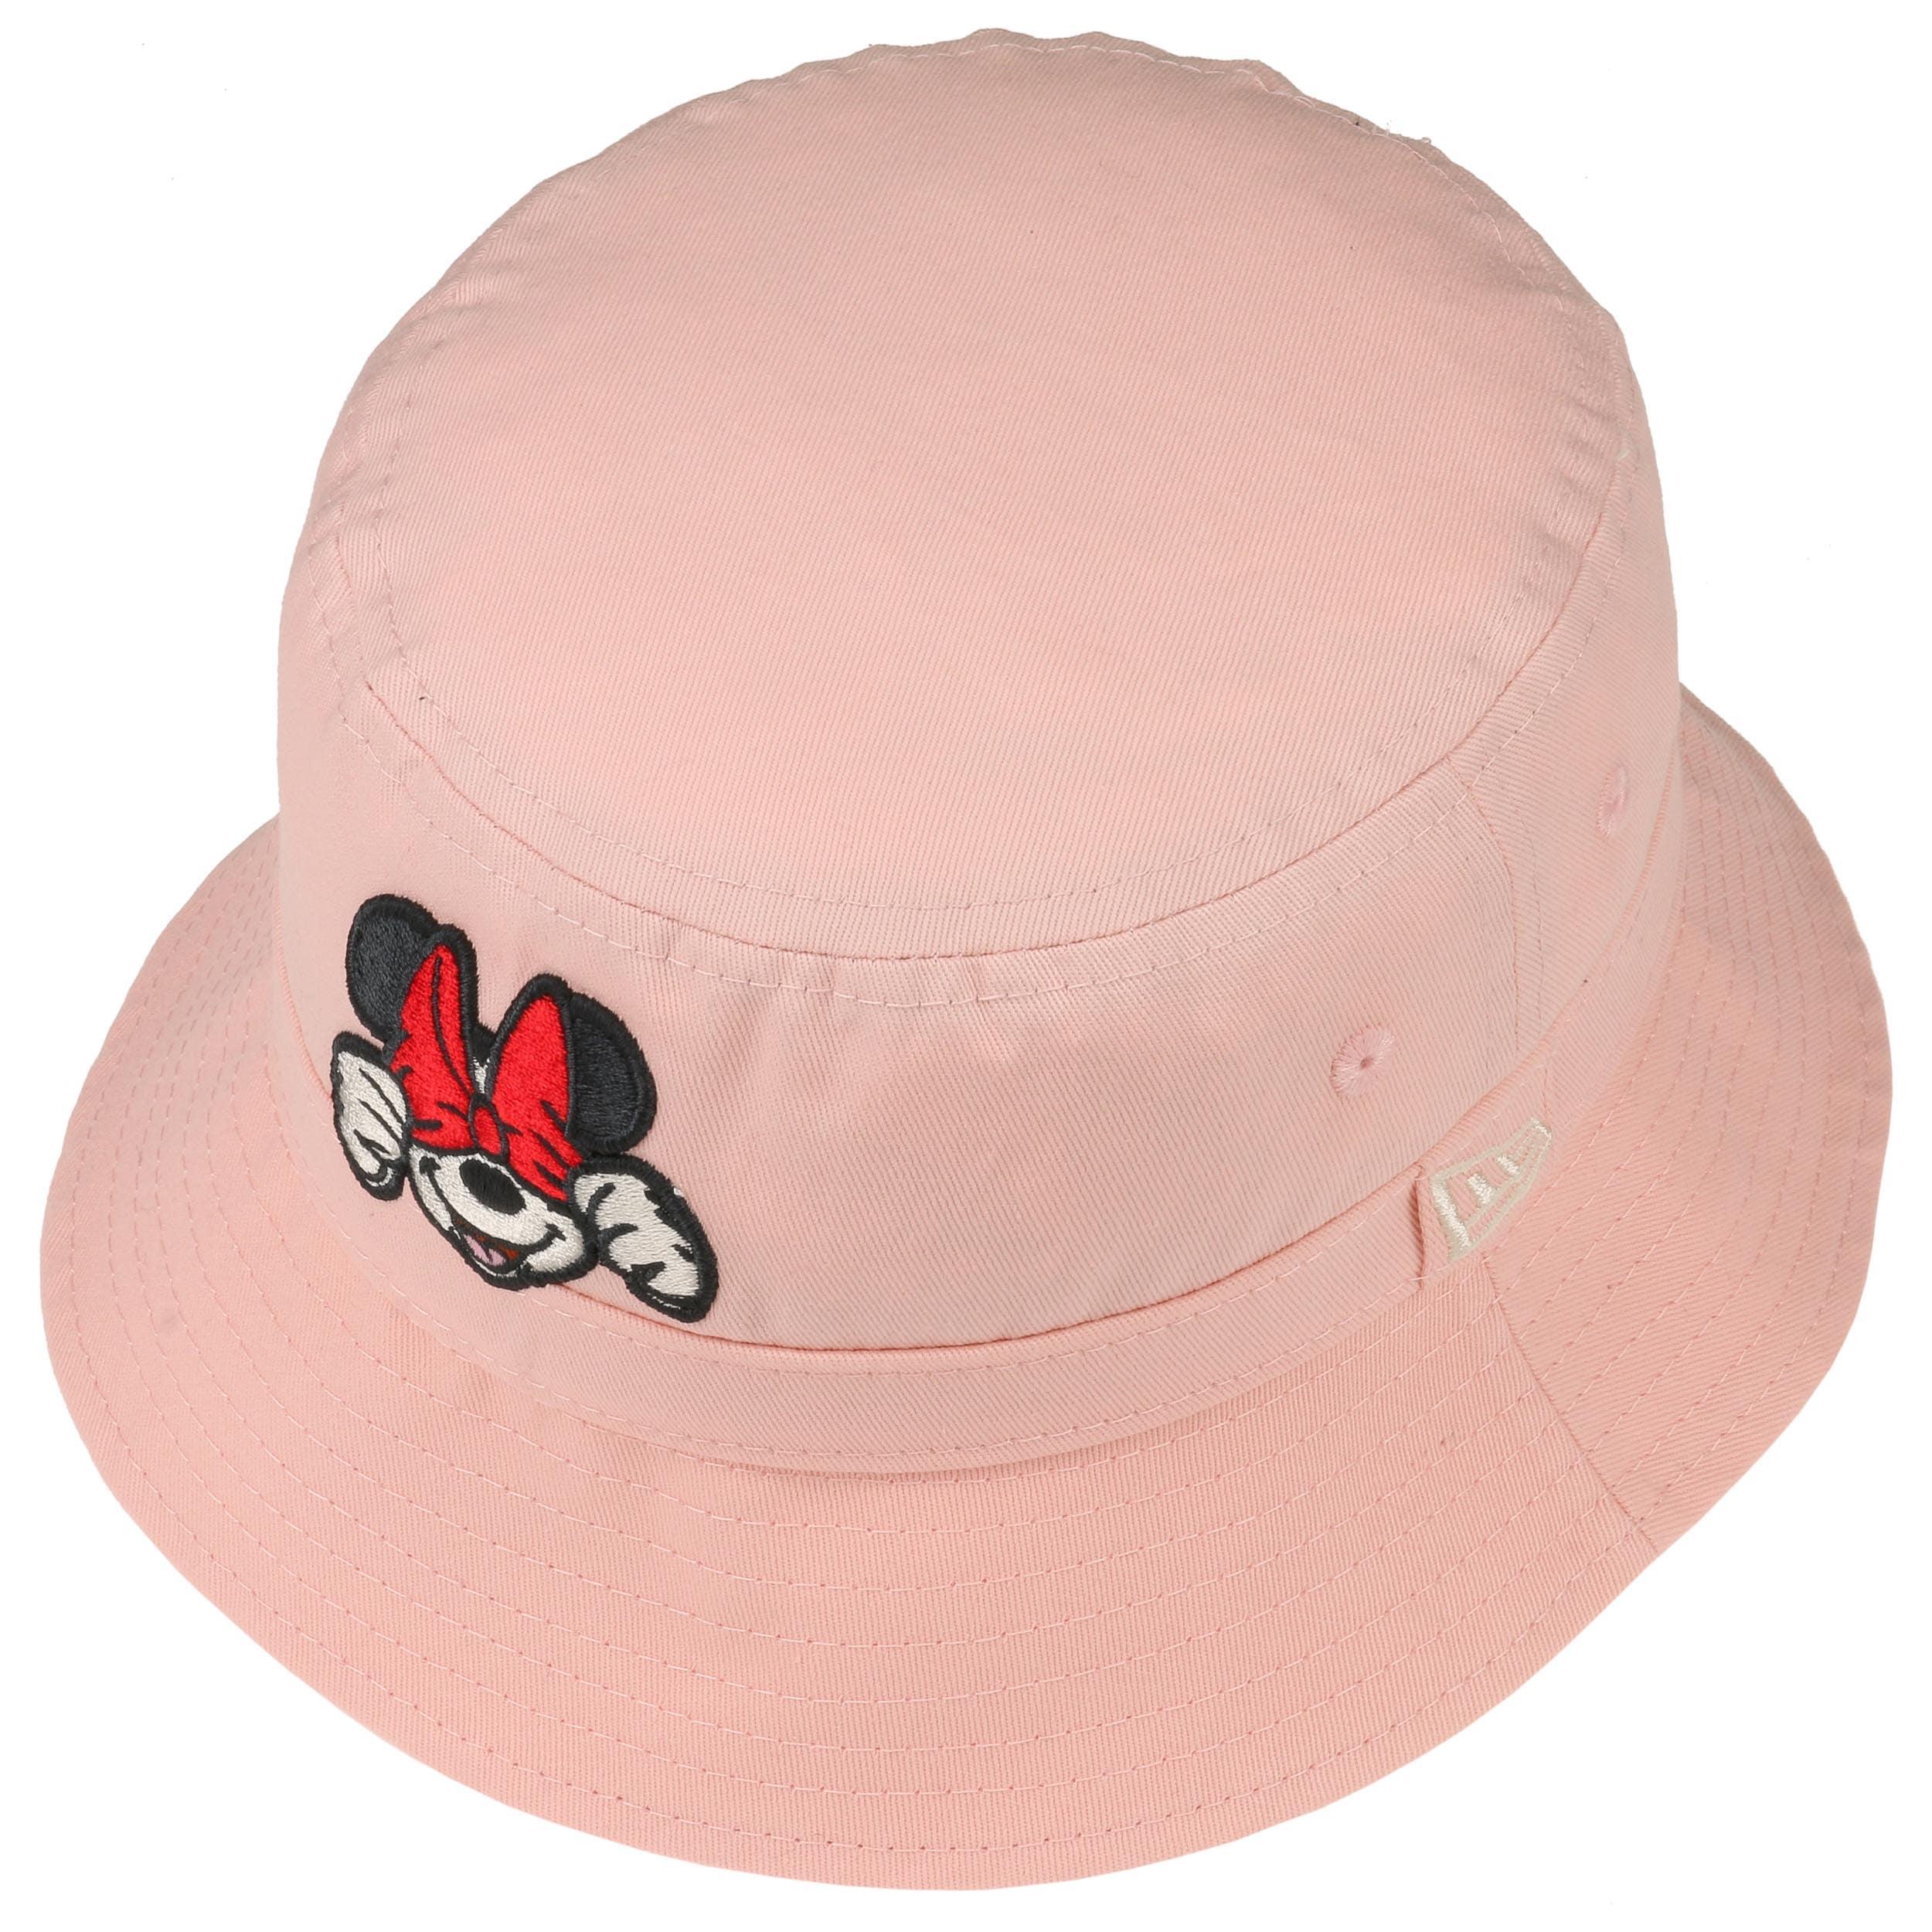 Sombrero de Niña Minnie Mouse by New Era - Sombreros - sombreroshop.es cad715907da